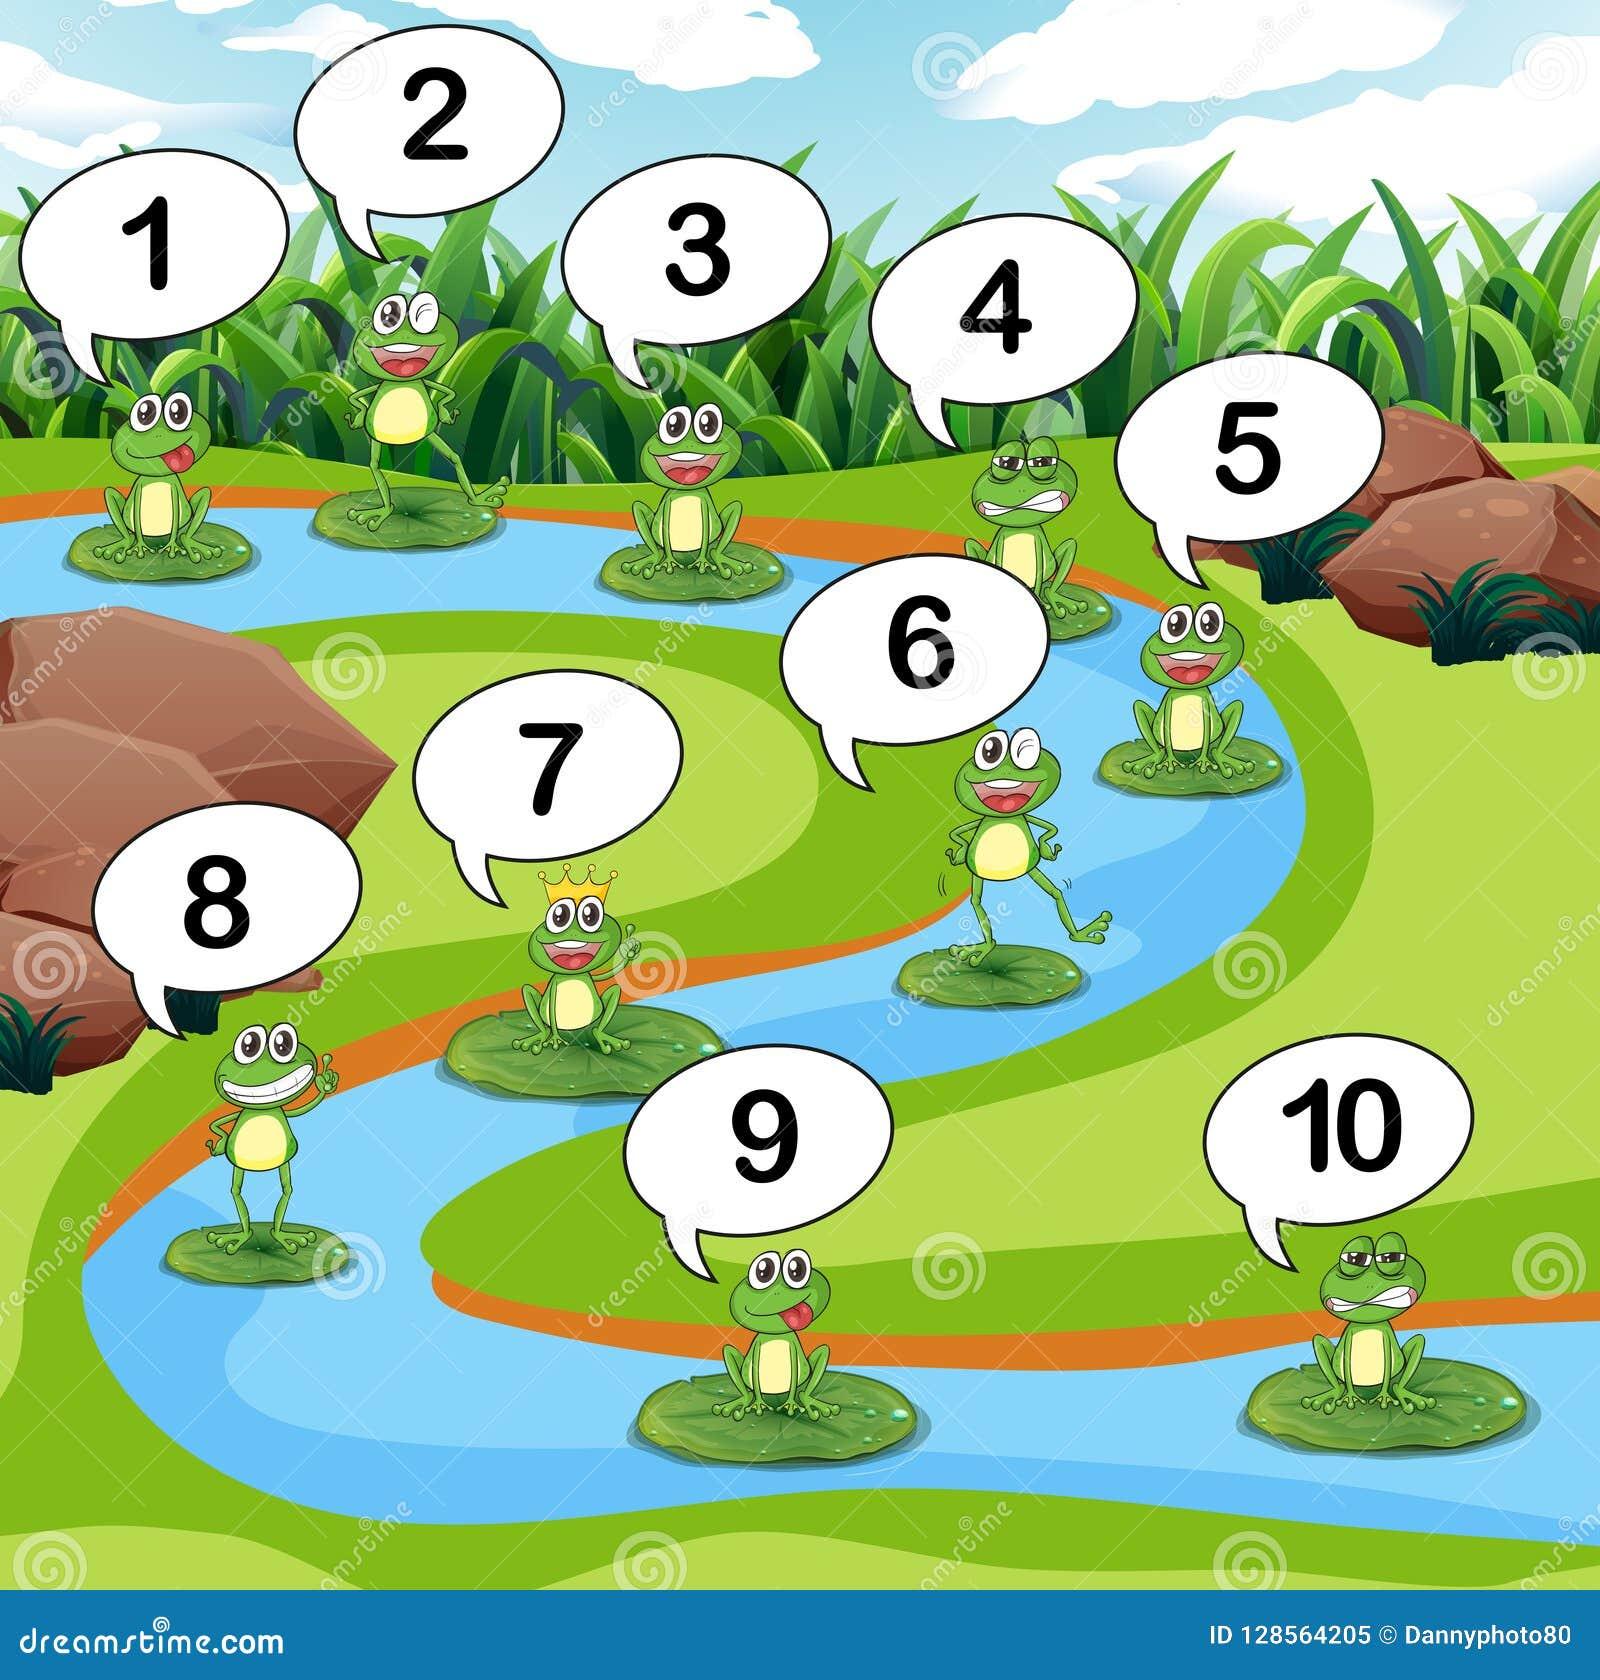 Número da contagem da rã na lagoa